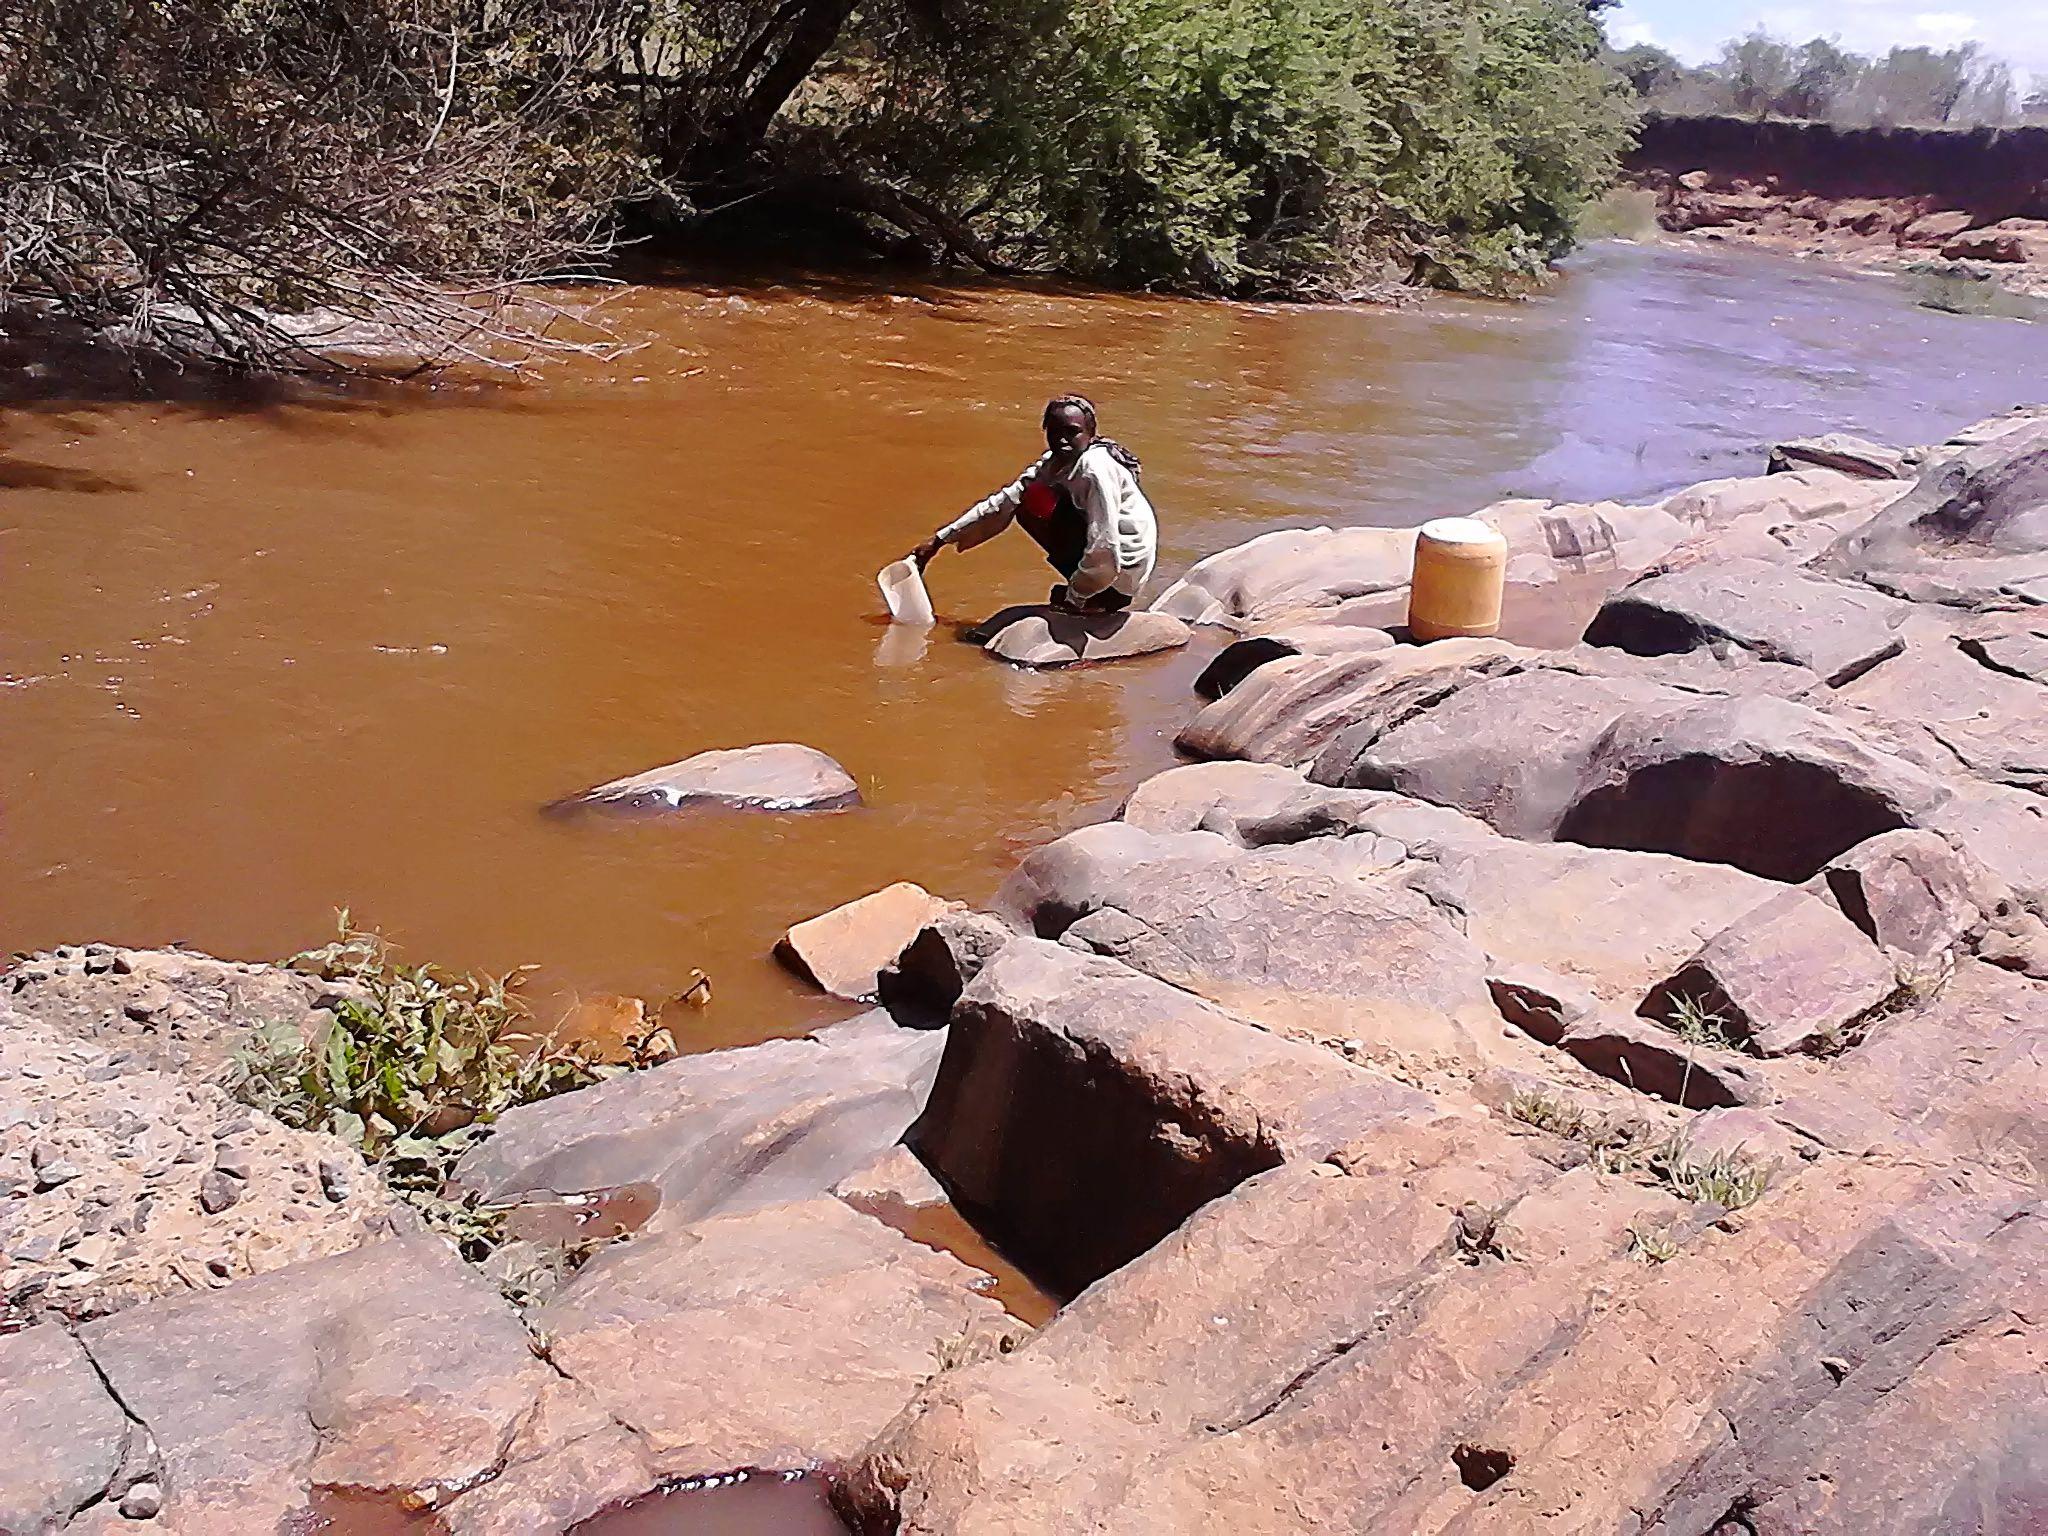 Nanyuki river in Ndigiri village water resource survey by Pragya Kenya water Africa